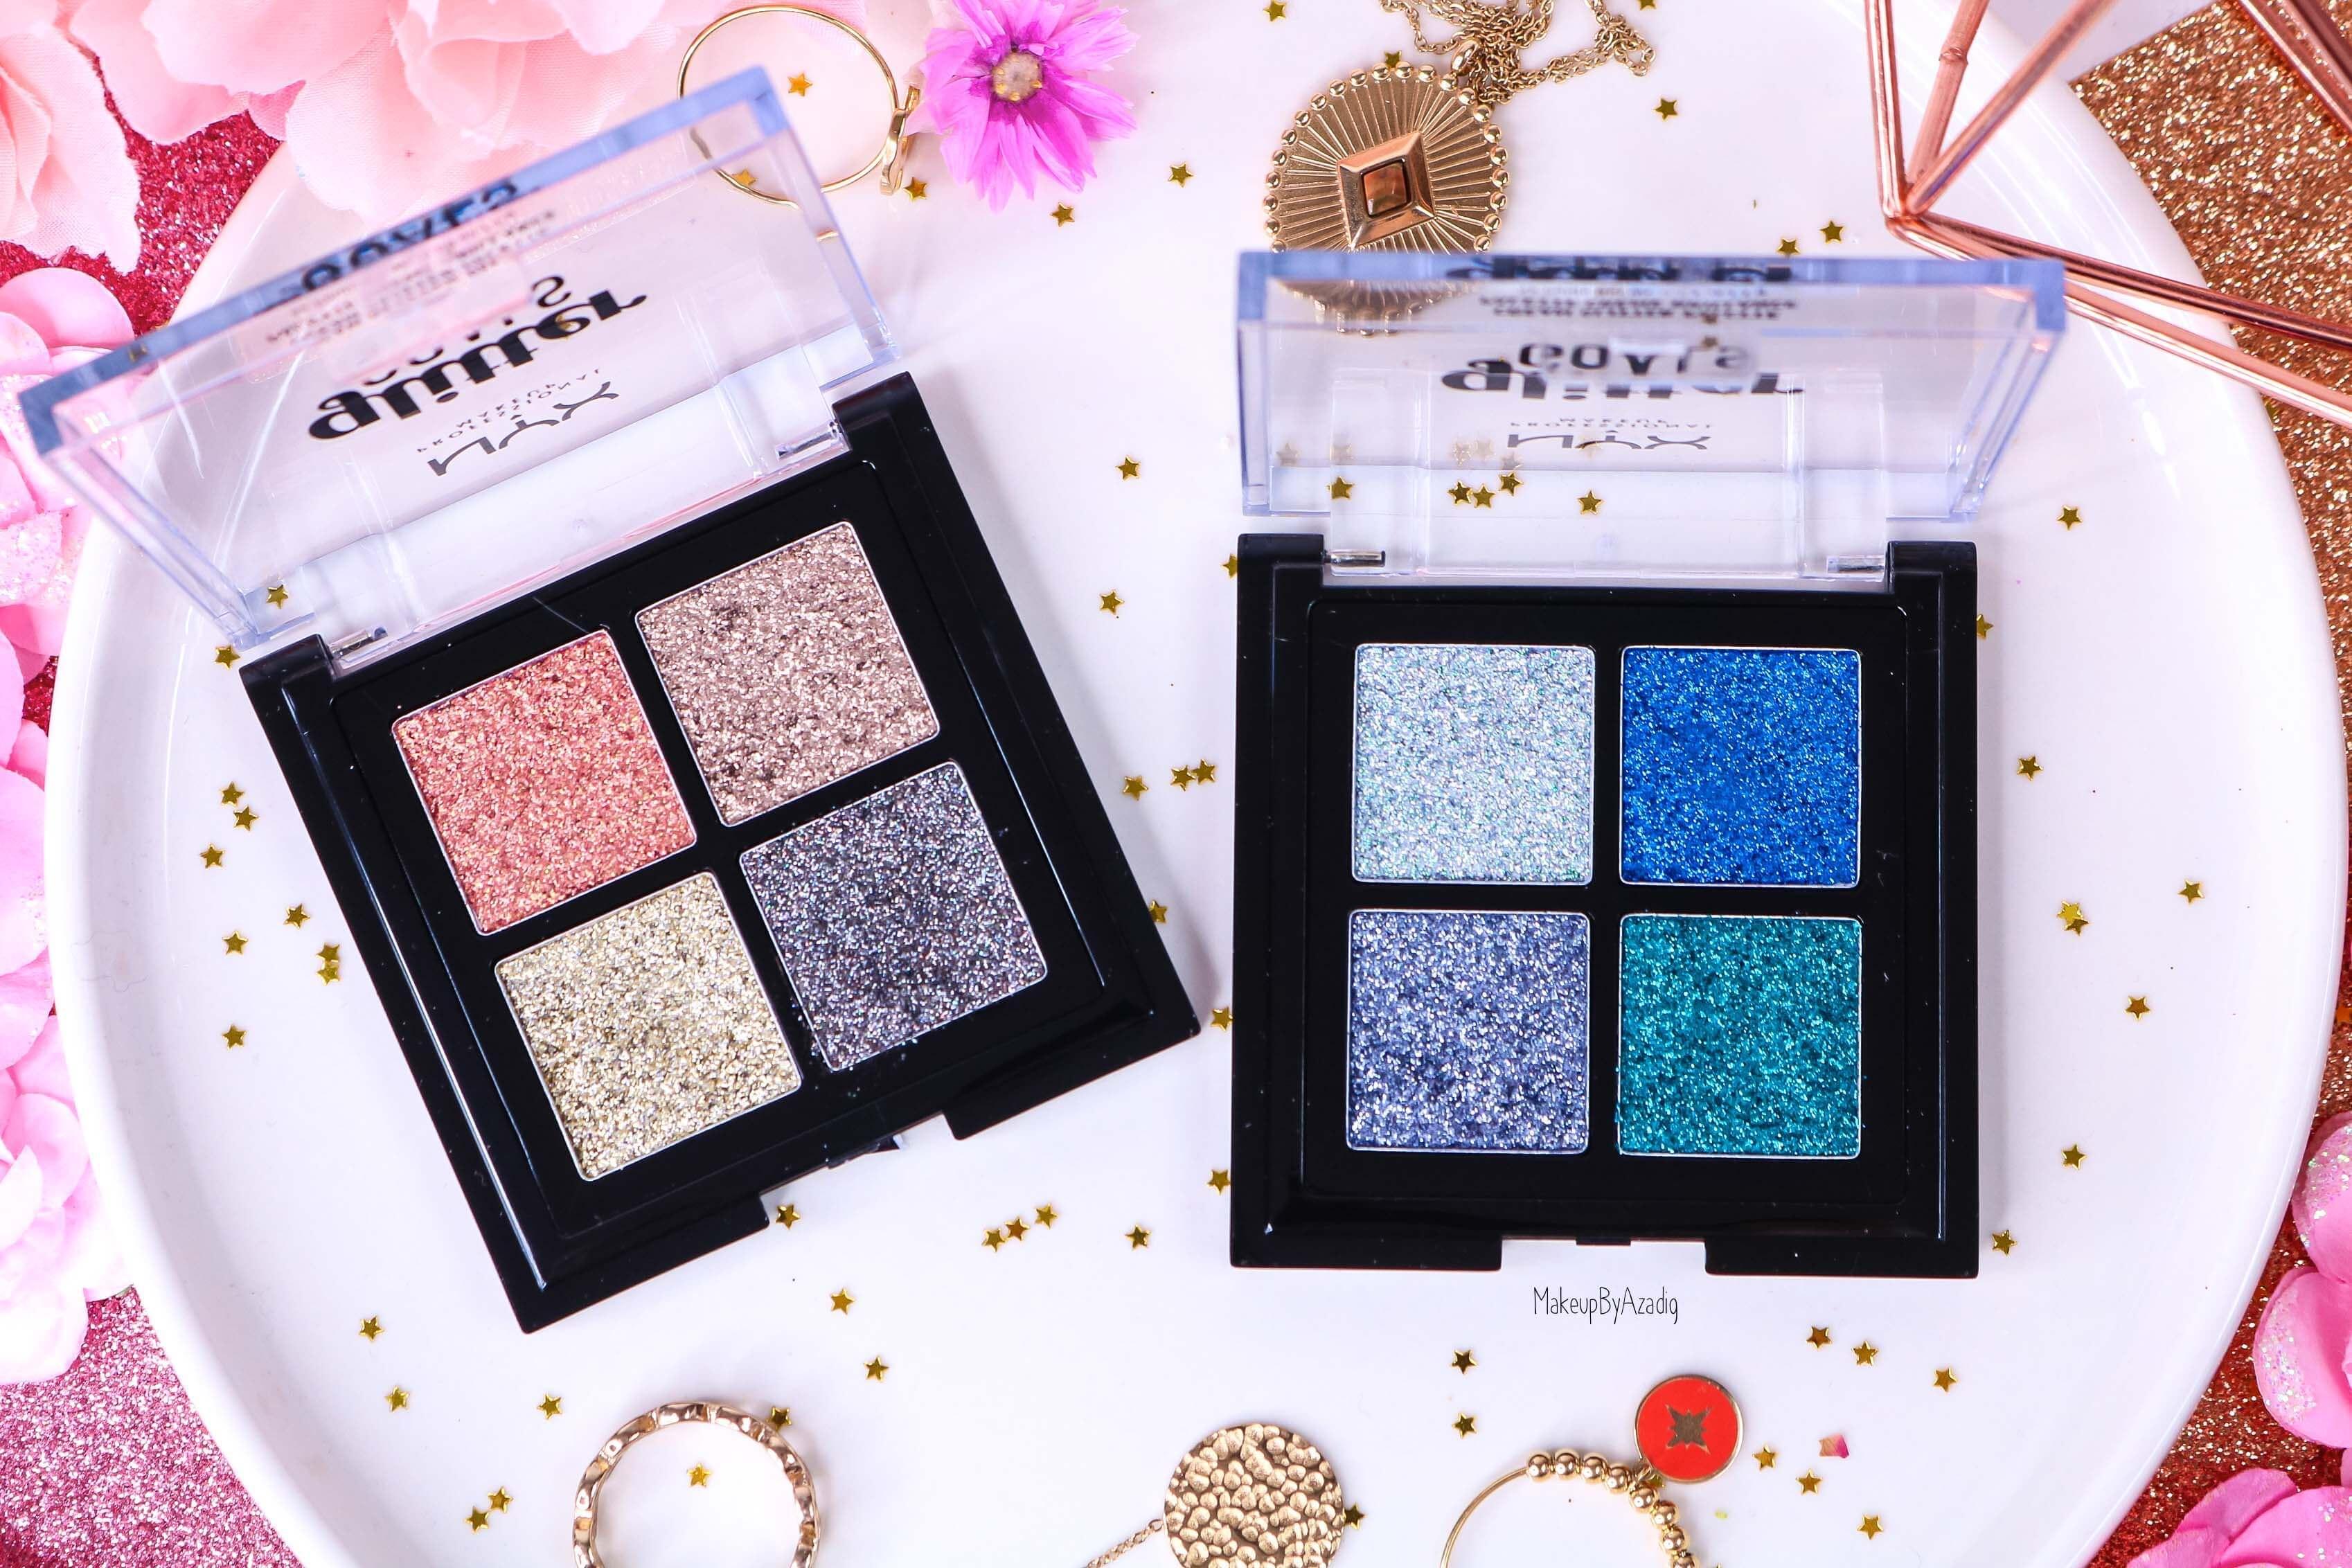 revue-palette-glitter-goals-nyx-professional-makeup-festival-coachella-avis-prix-paillette-makeupbyazadig-galactica-glacier-teintes